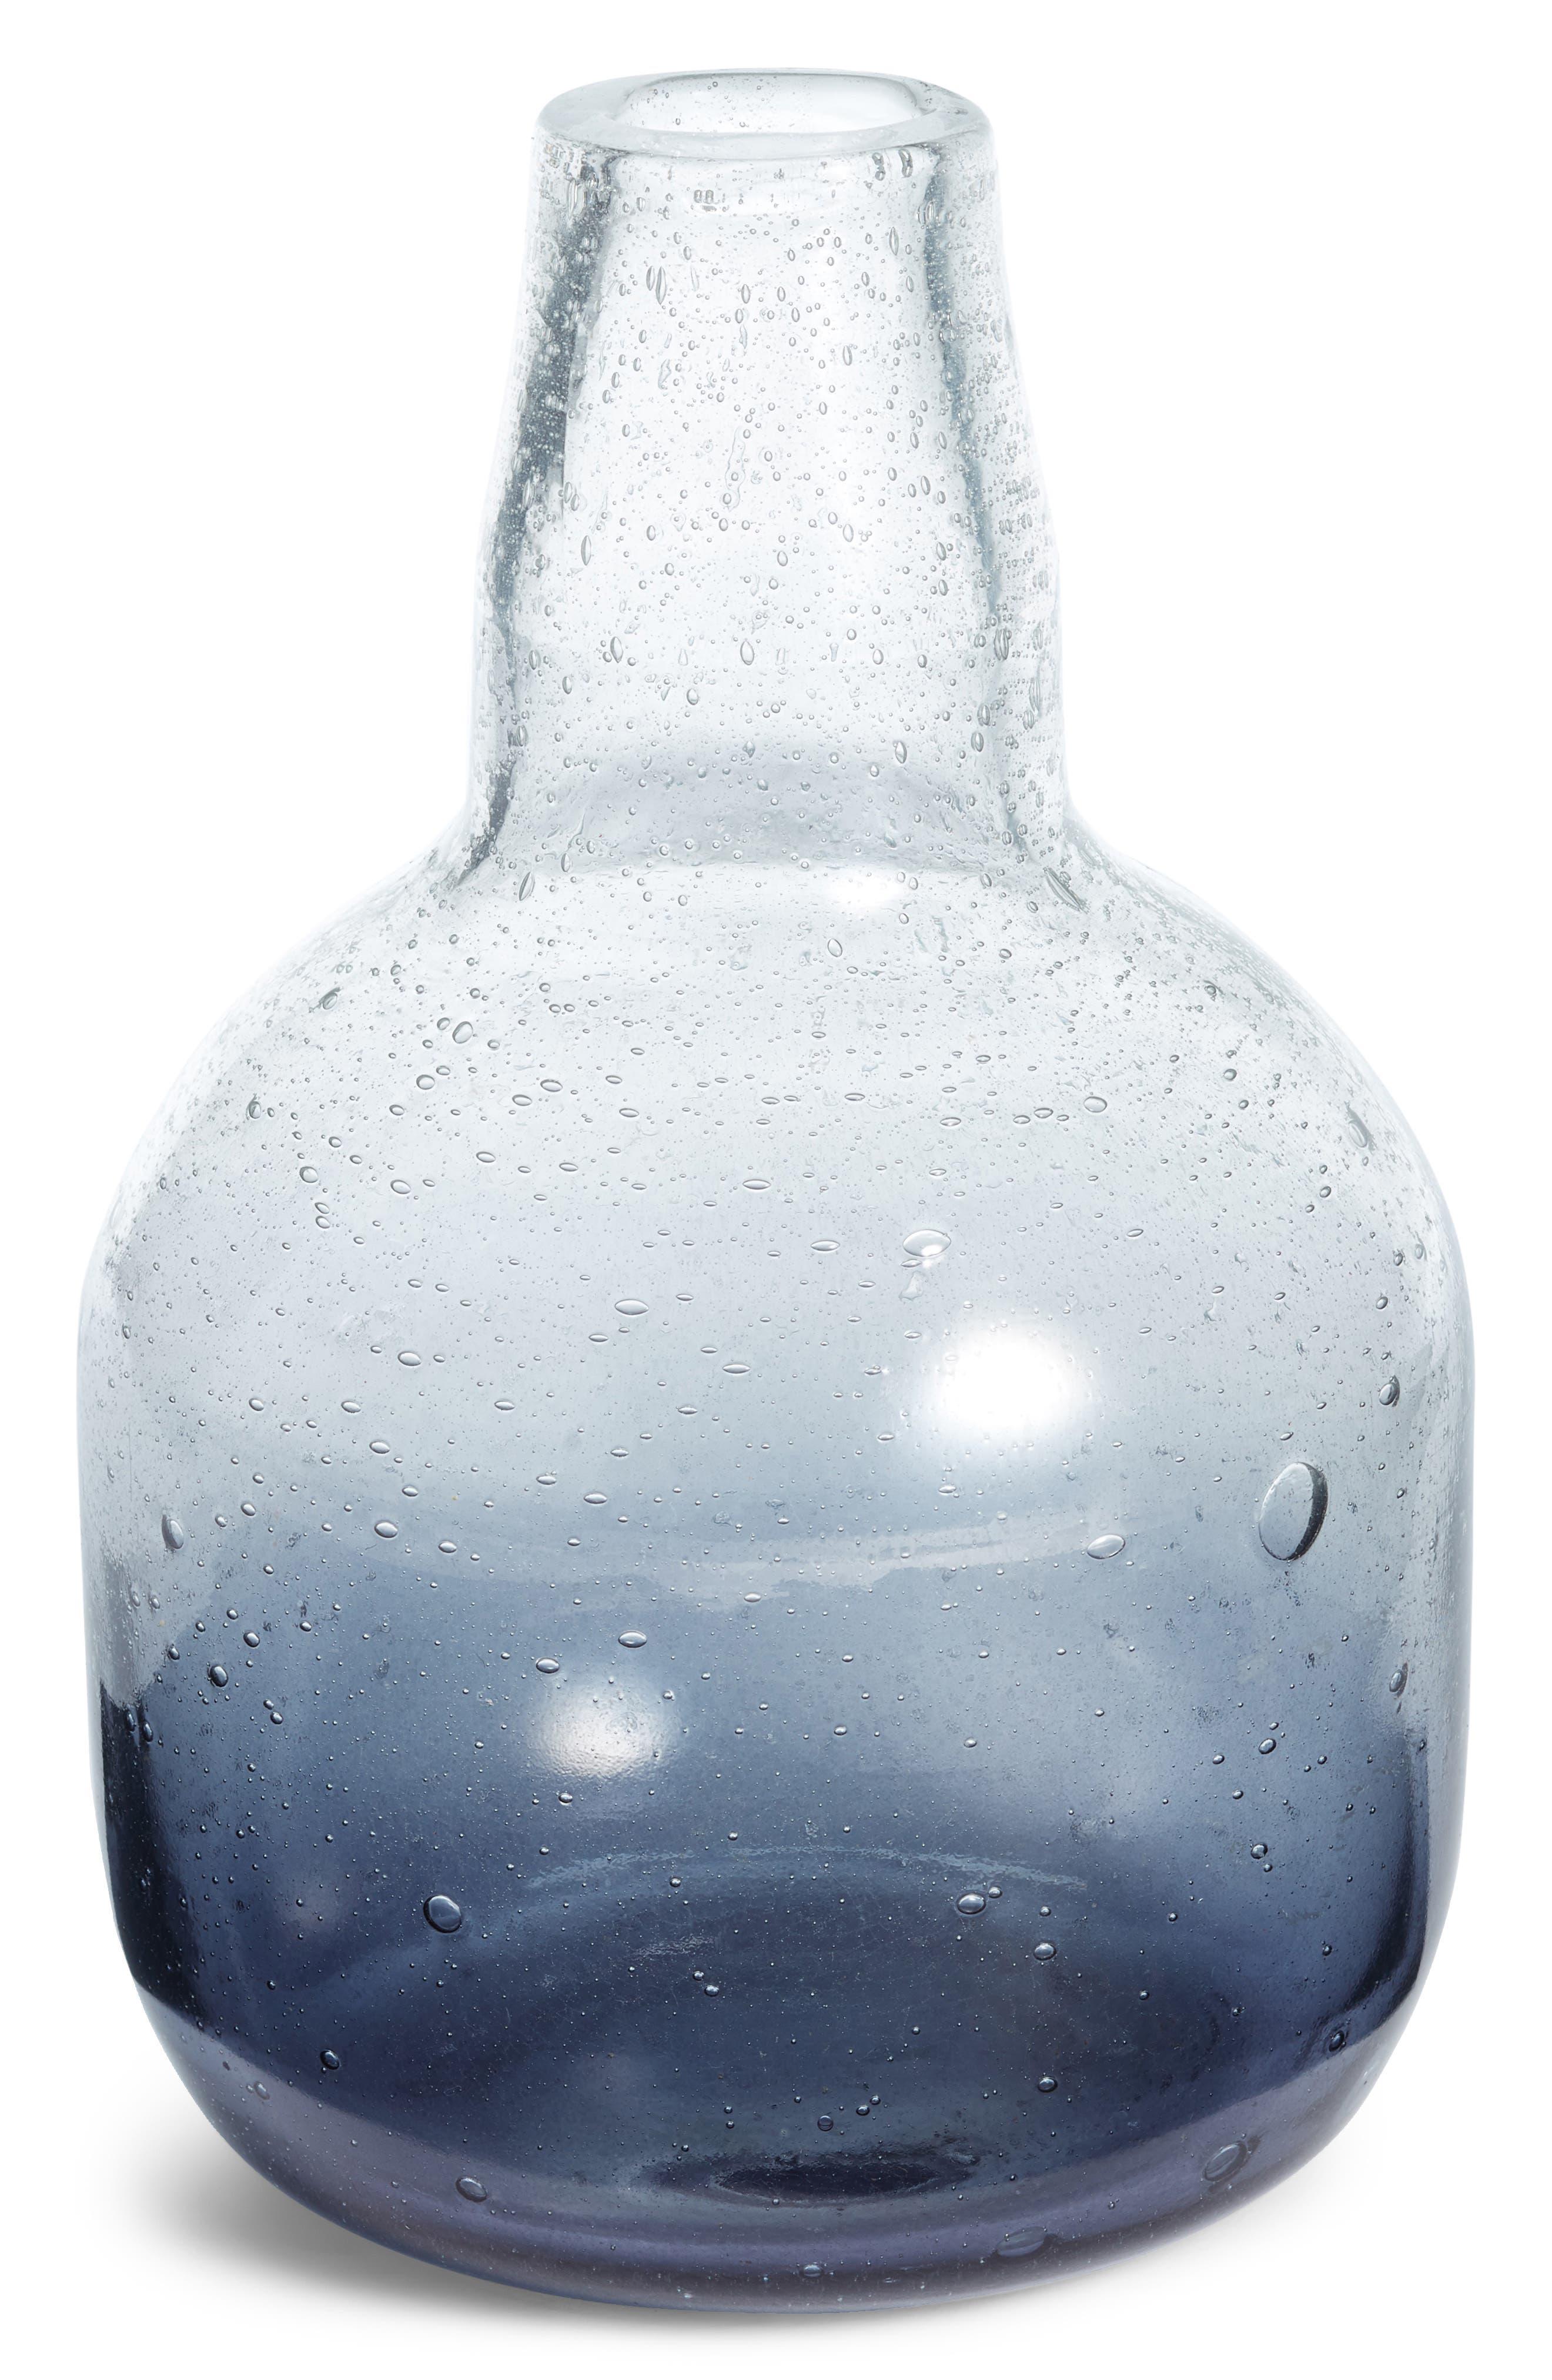 Small Tinted Glass Vase,                             Main thumbnail 1, color,                             GREY